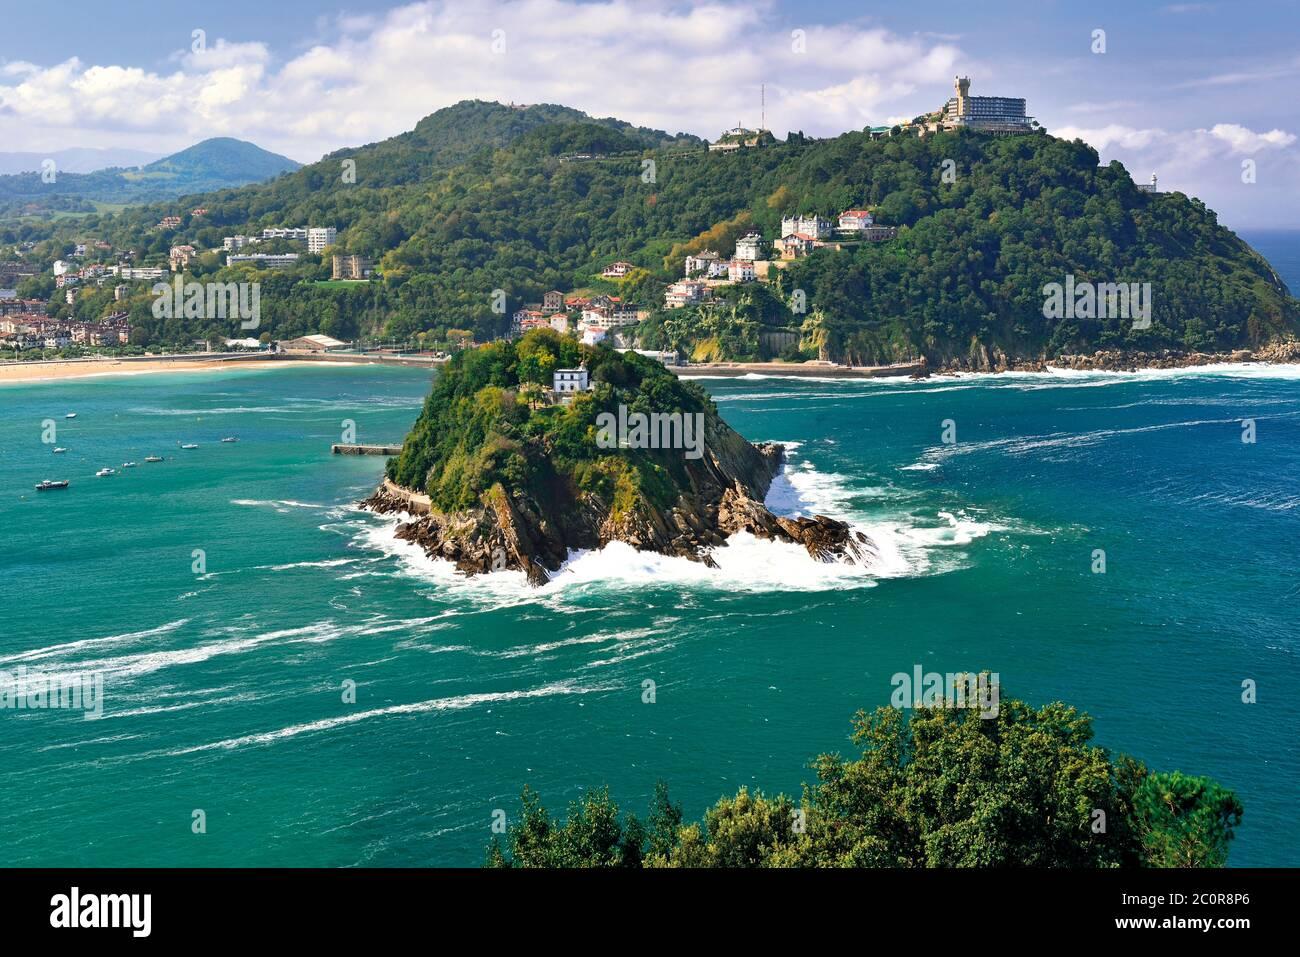 Vue sur une petite île verte au milieu de l'océan vert et colline avec bâtiment au sommet entouré par plage de sable (San Sebastian) Banque D'Images